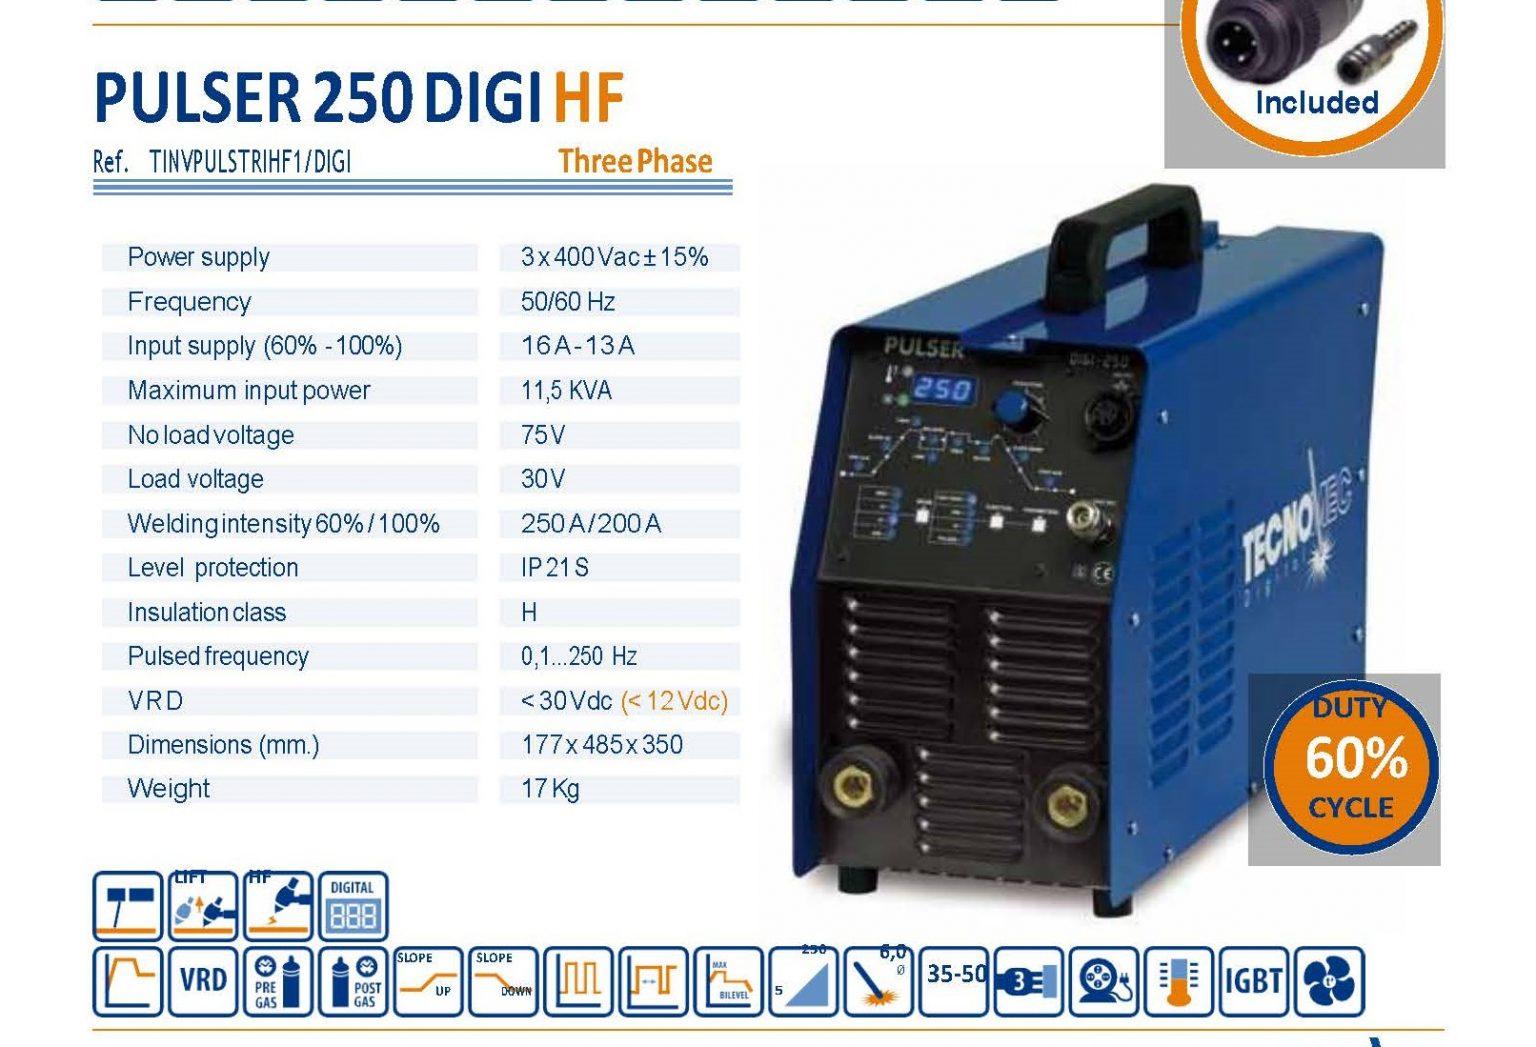 Pulser 250 Digi